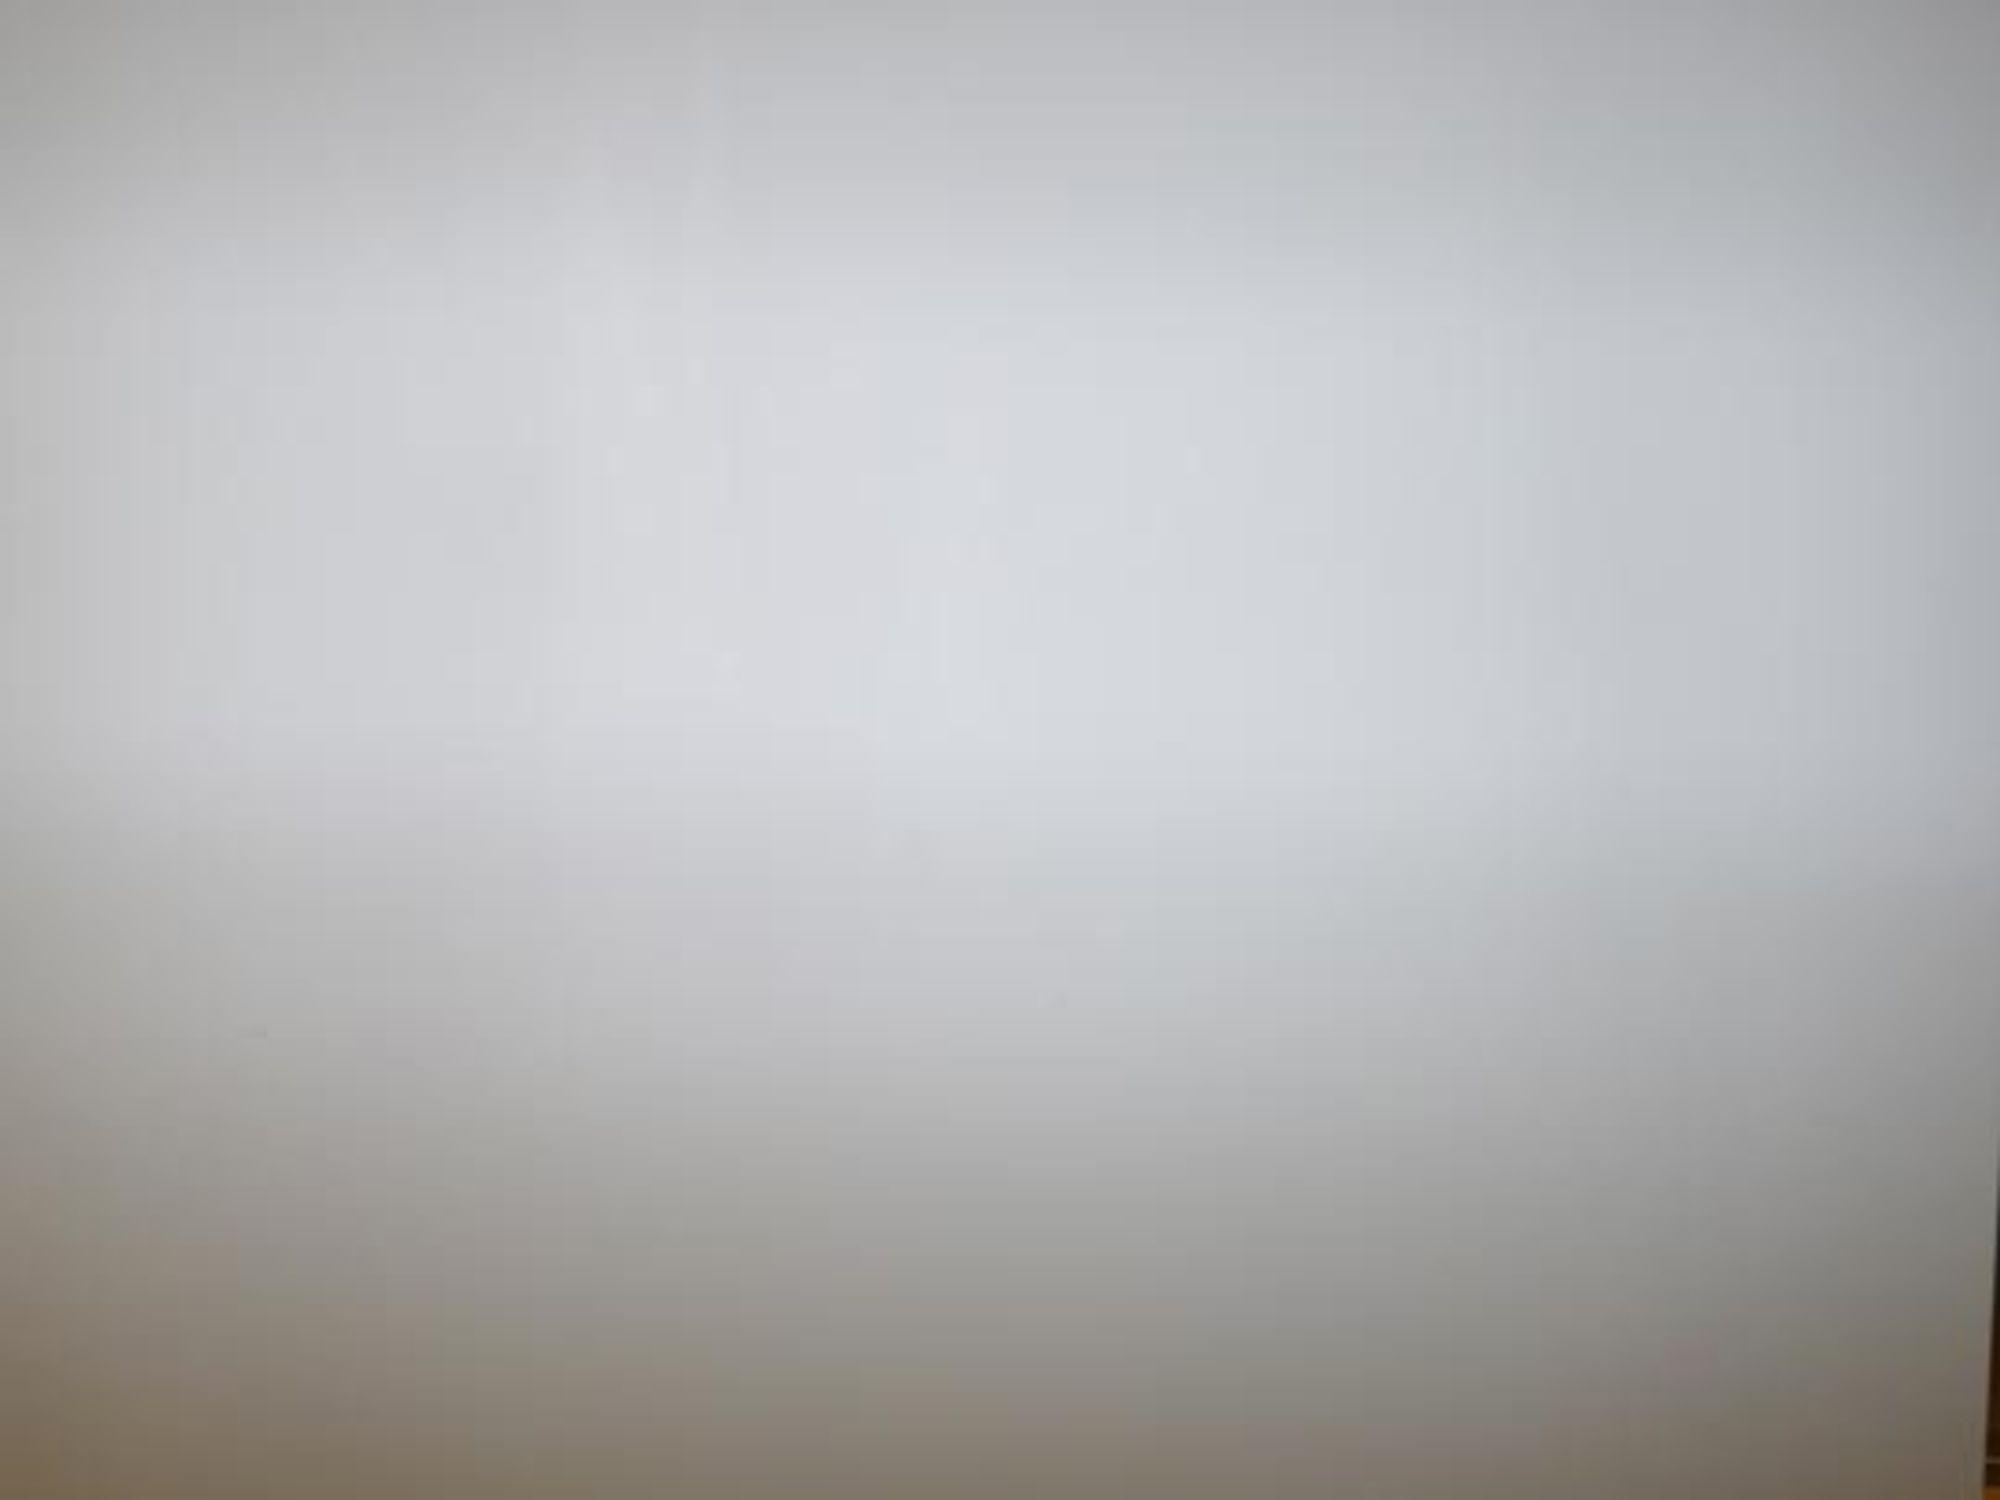 Uten forsats, 105 mm zoom på blitsen